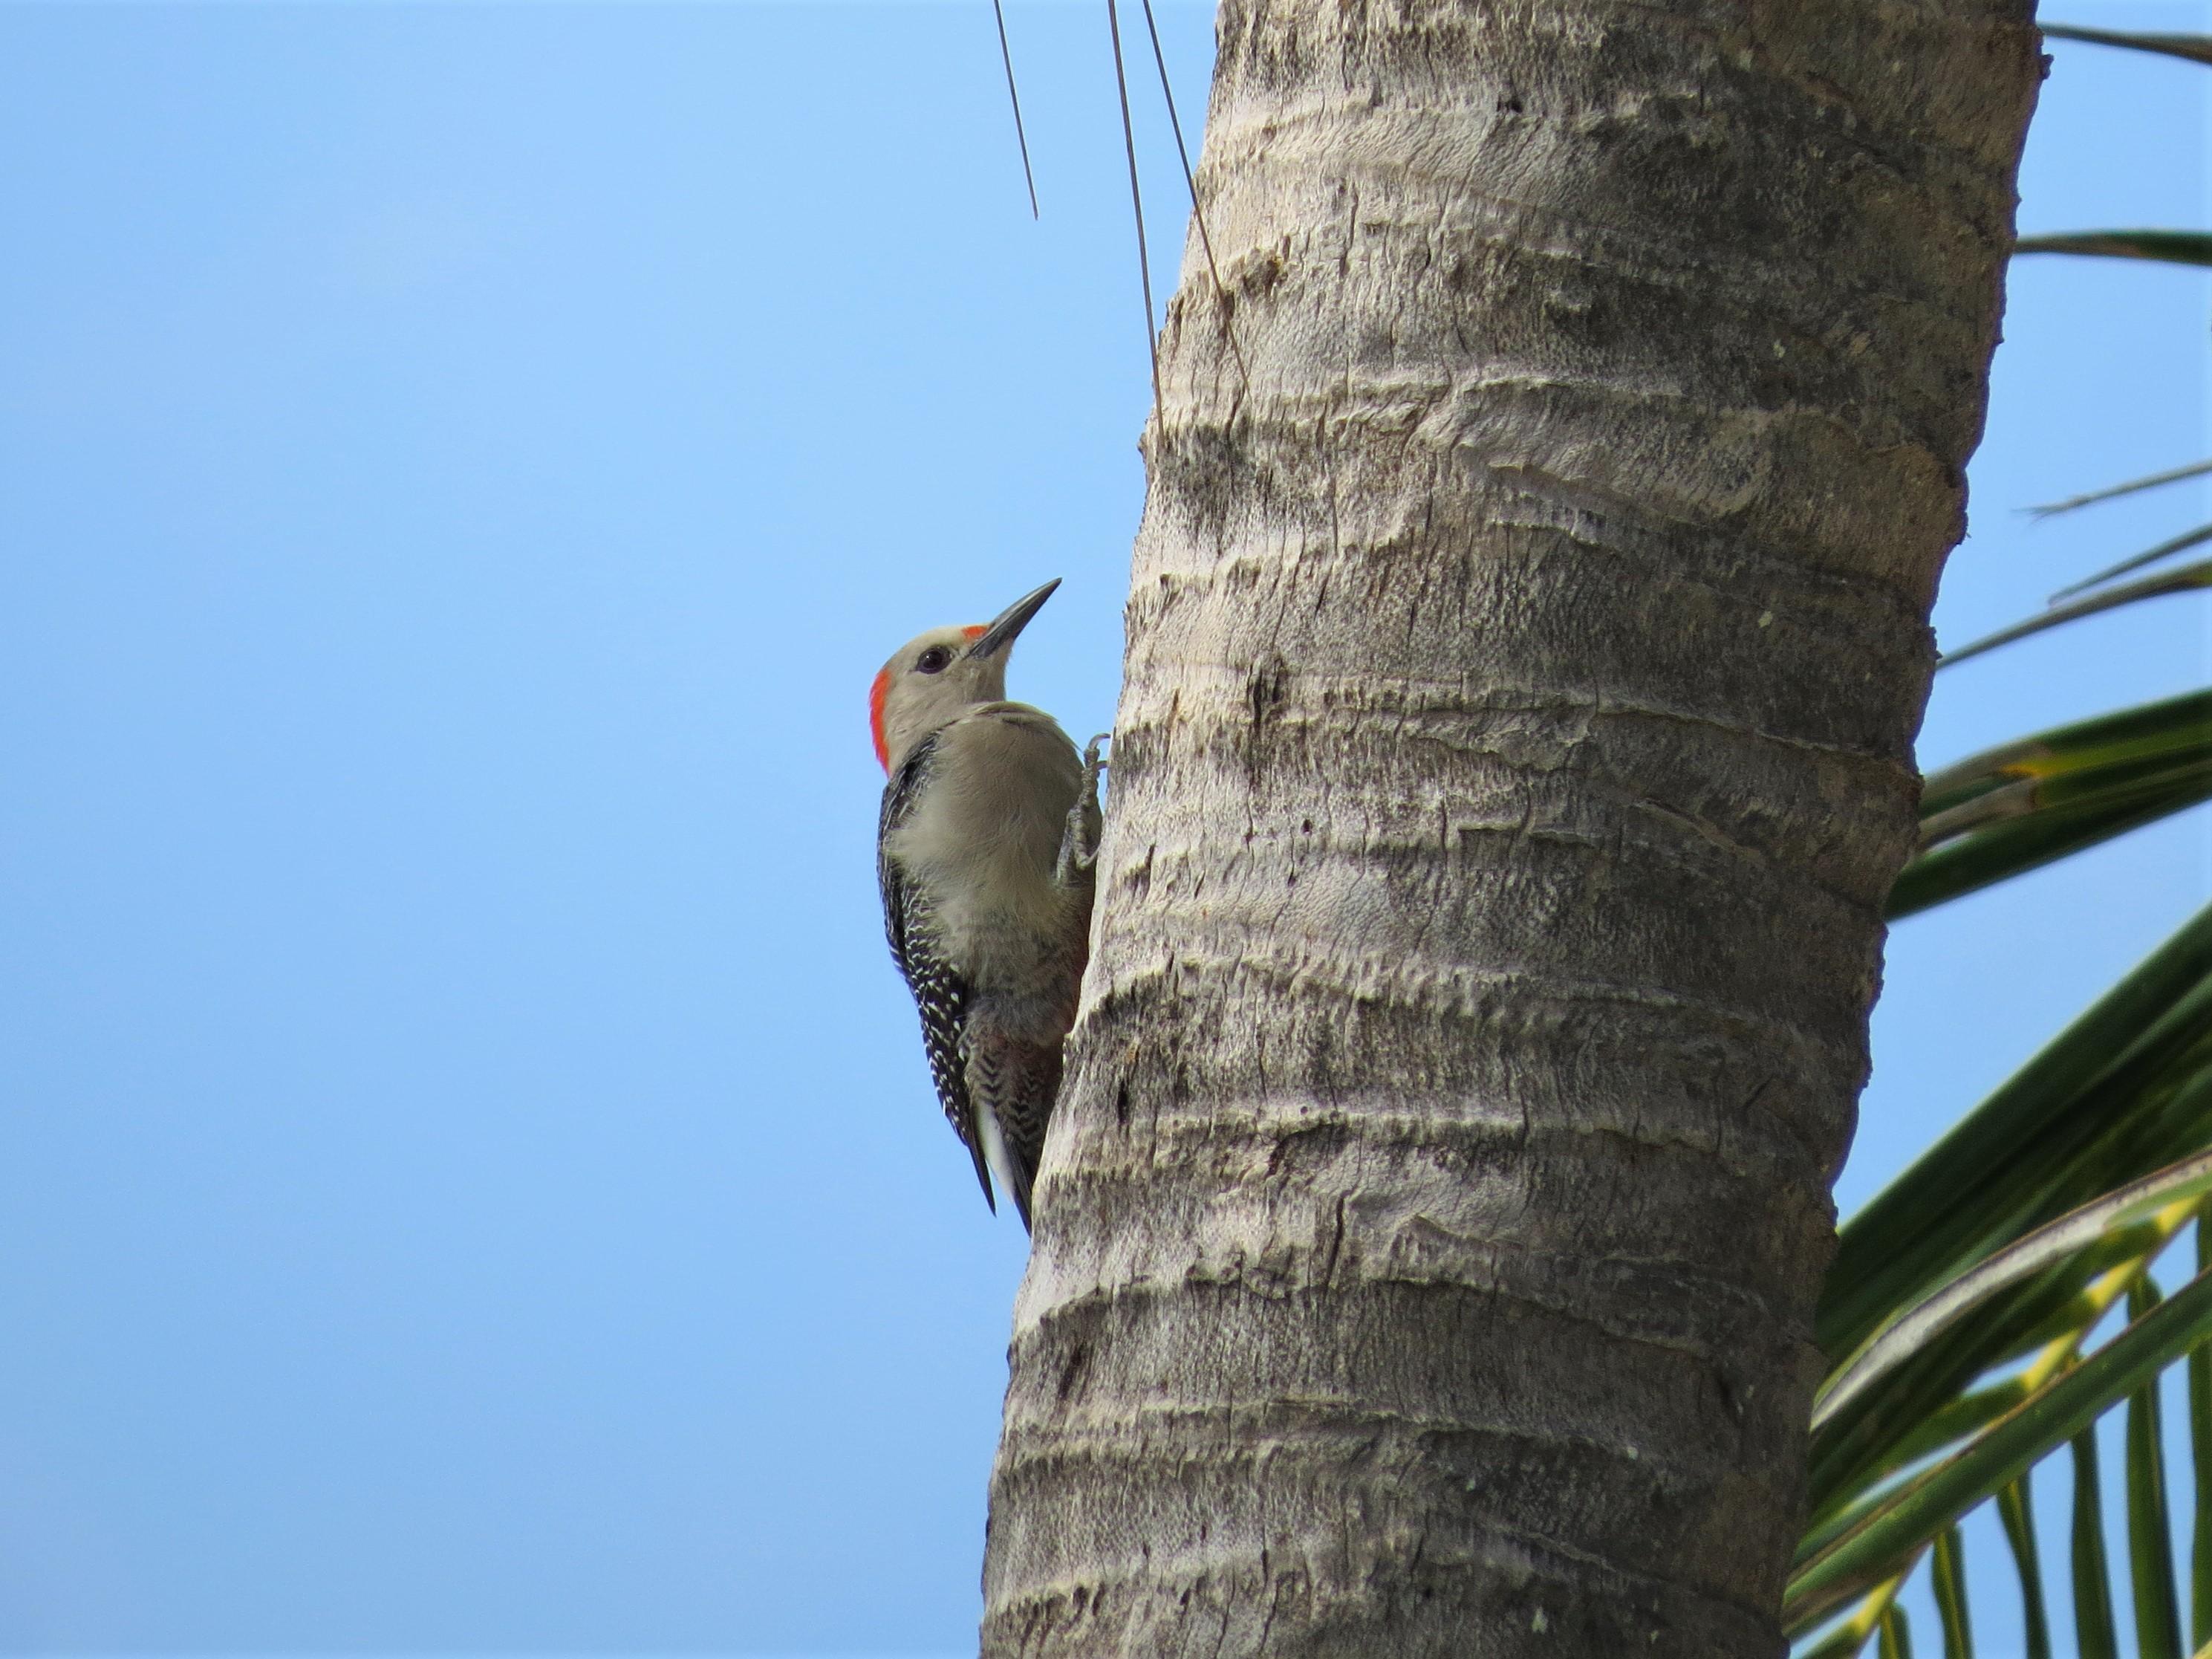 Velasquezs Woodpecker